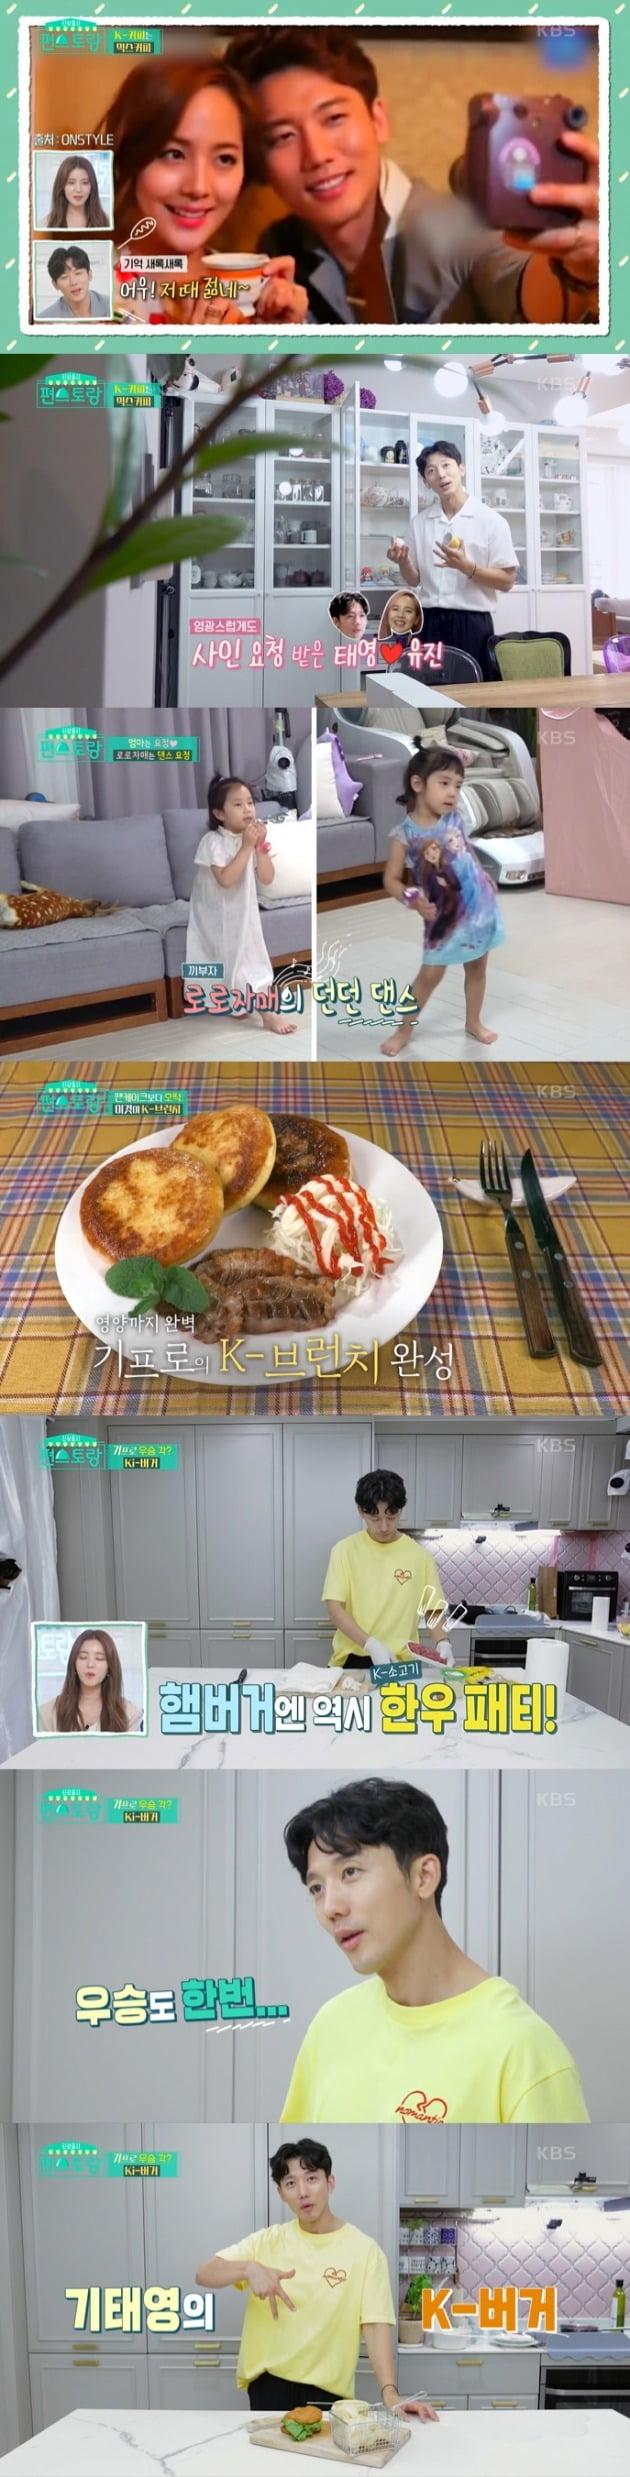 사진=KBS2 '신상출시 편스토랑' 영상 캡처